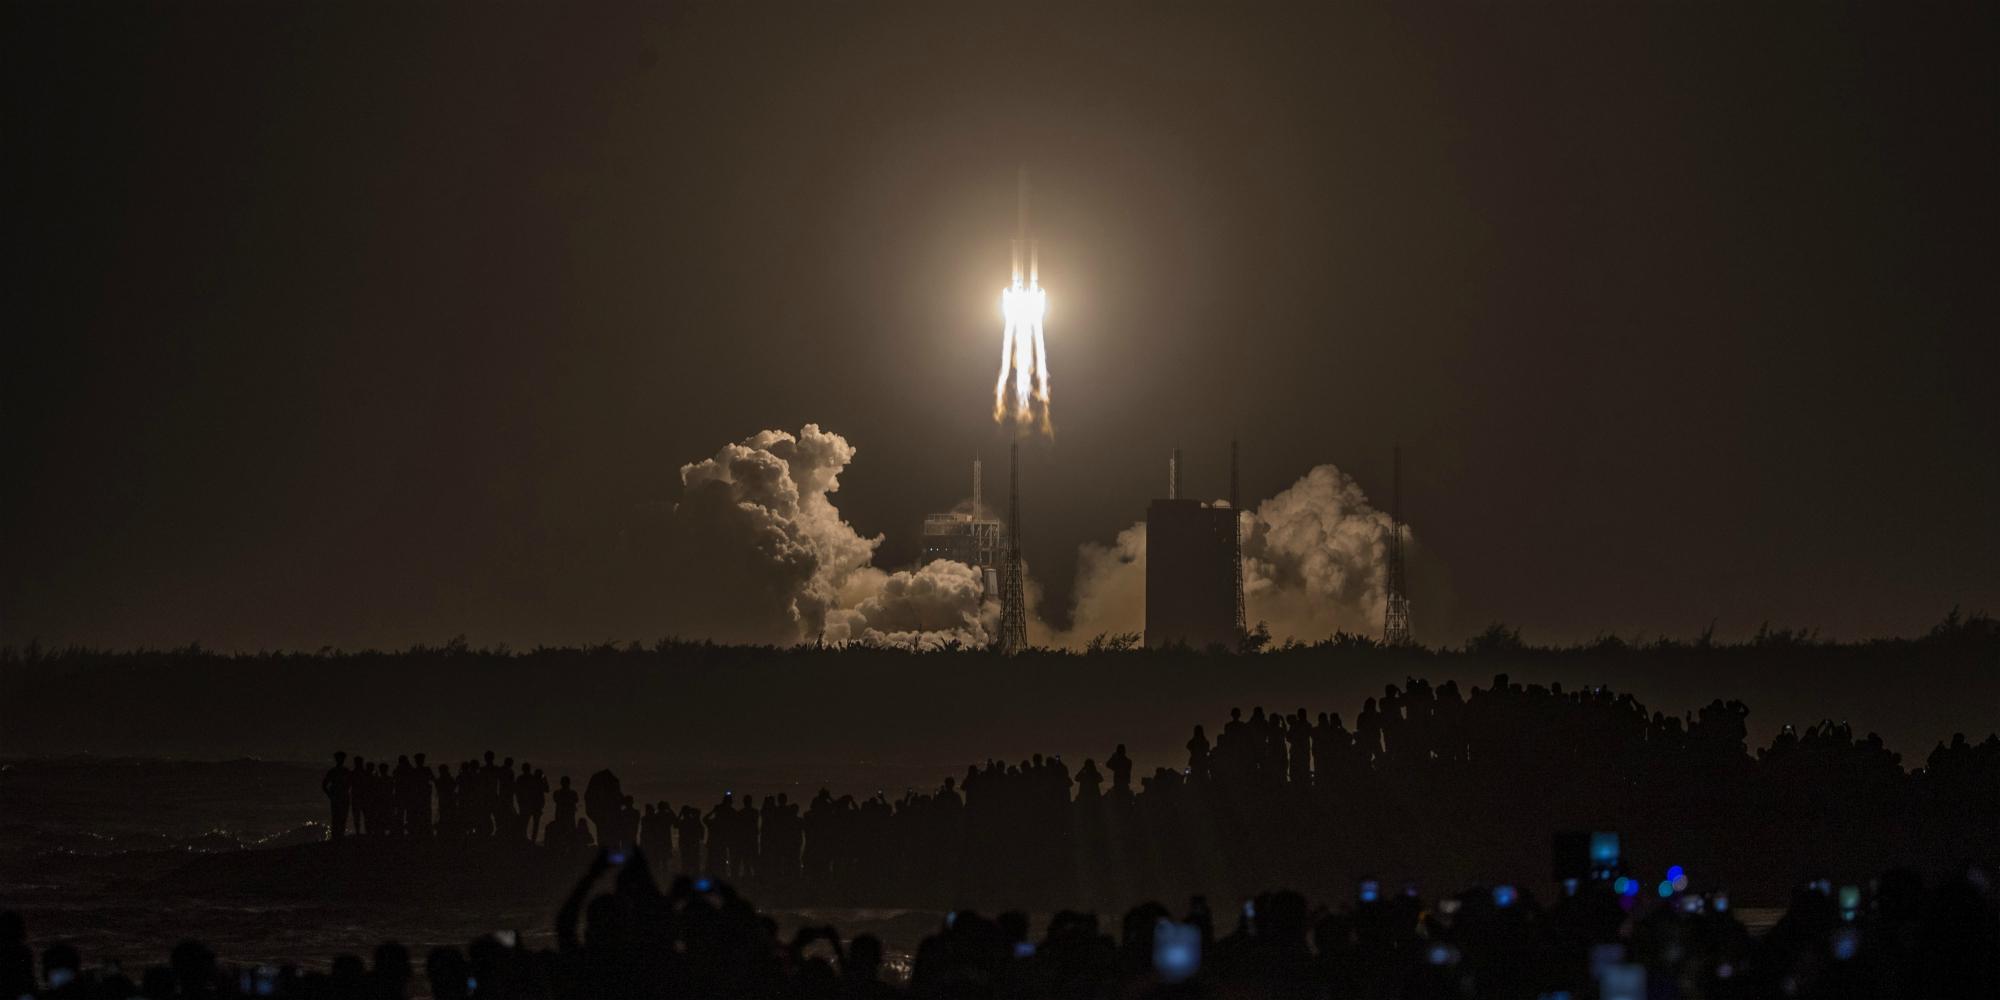 Sonde chinoise sur la lune : des enjeux scientifiques... et très politiques